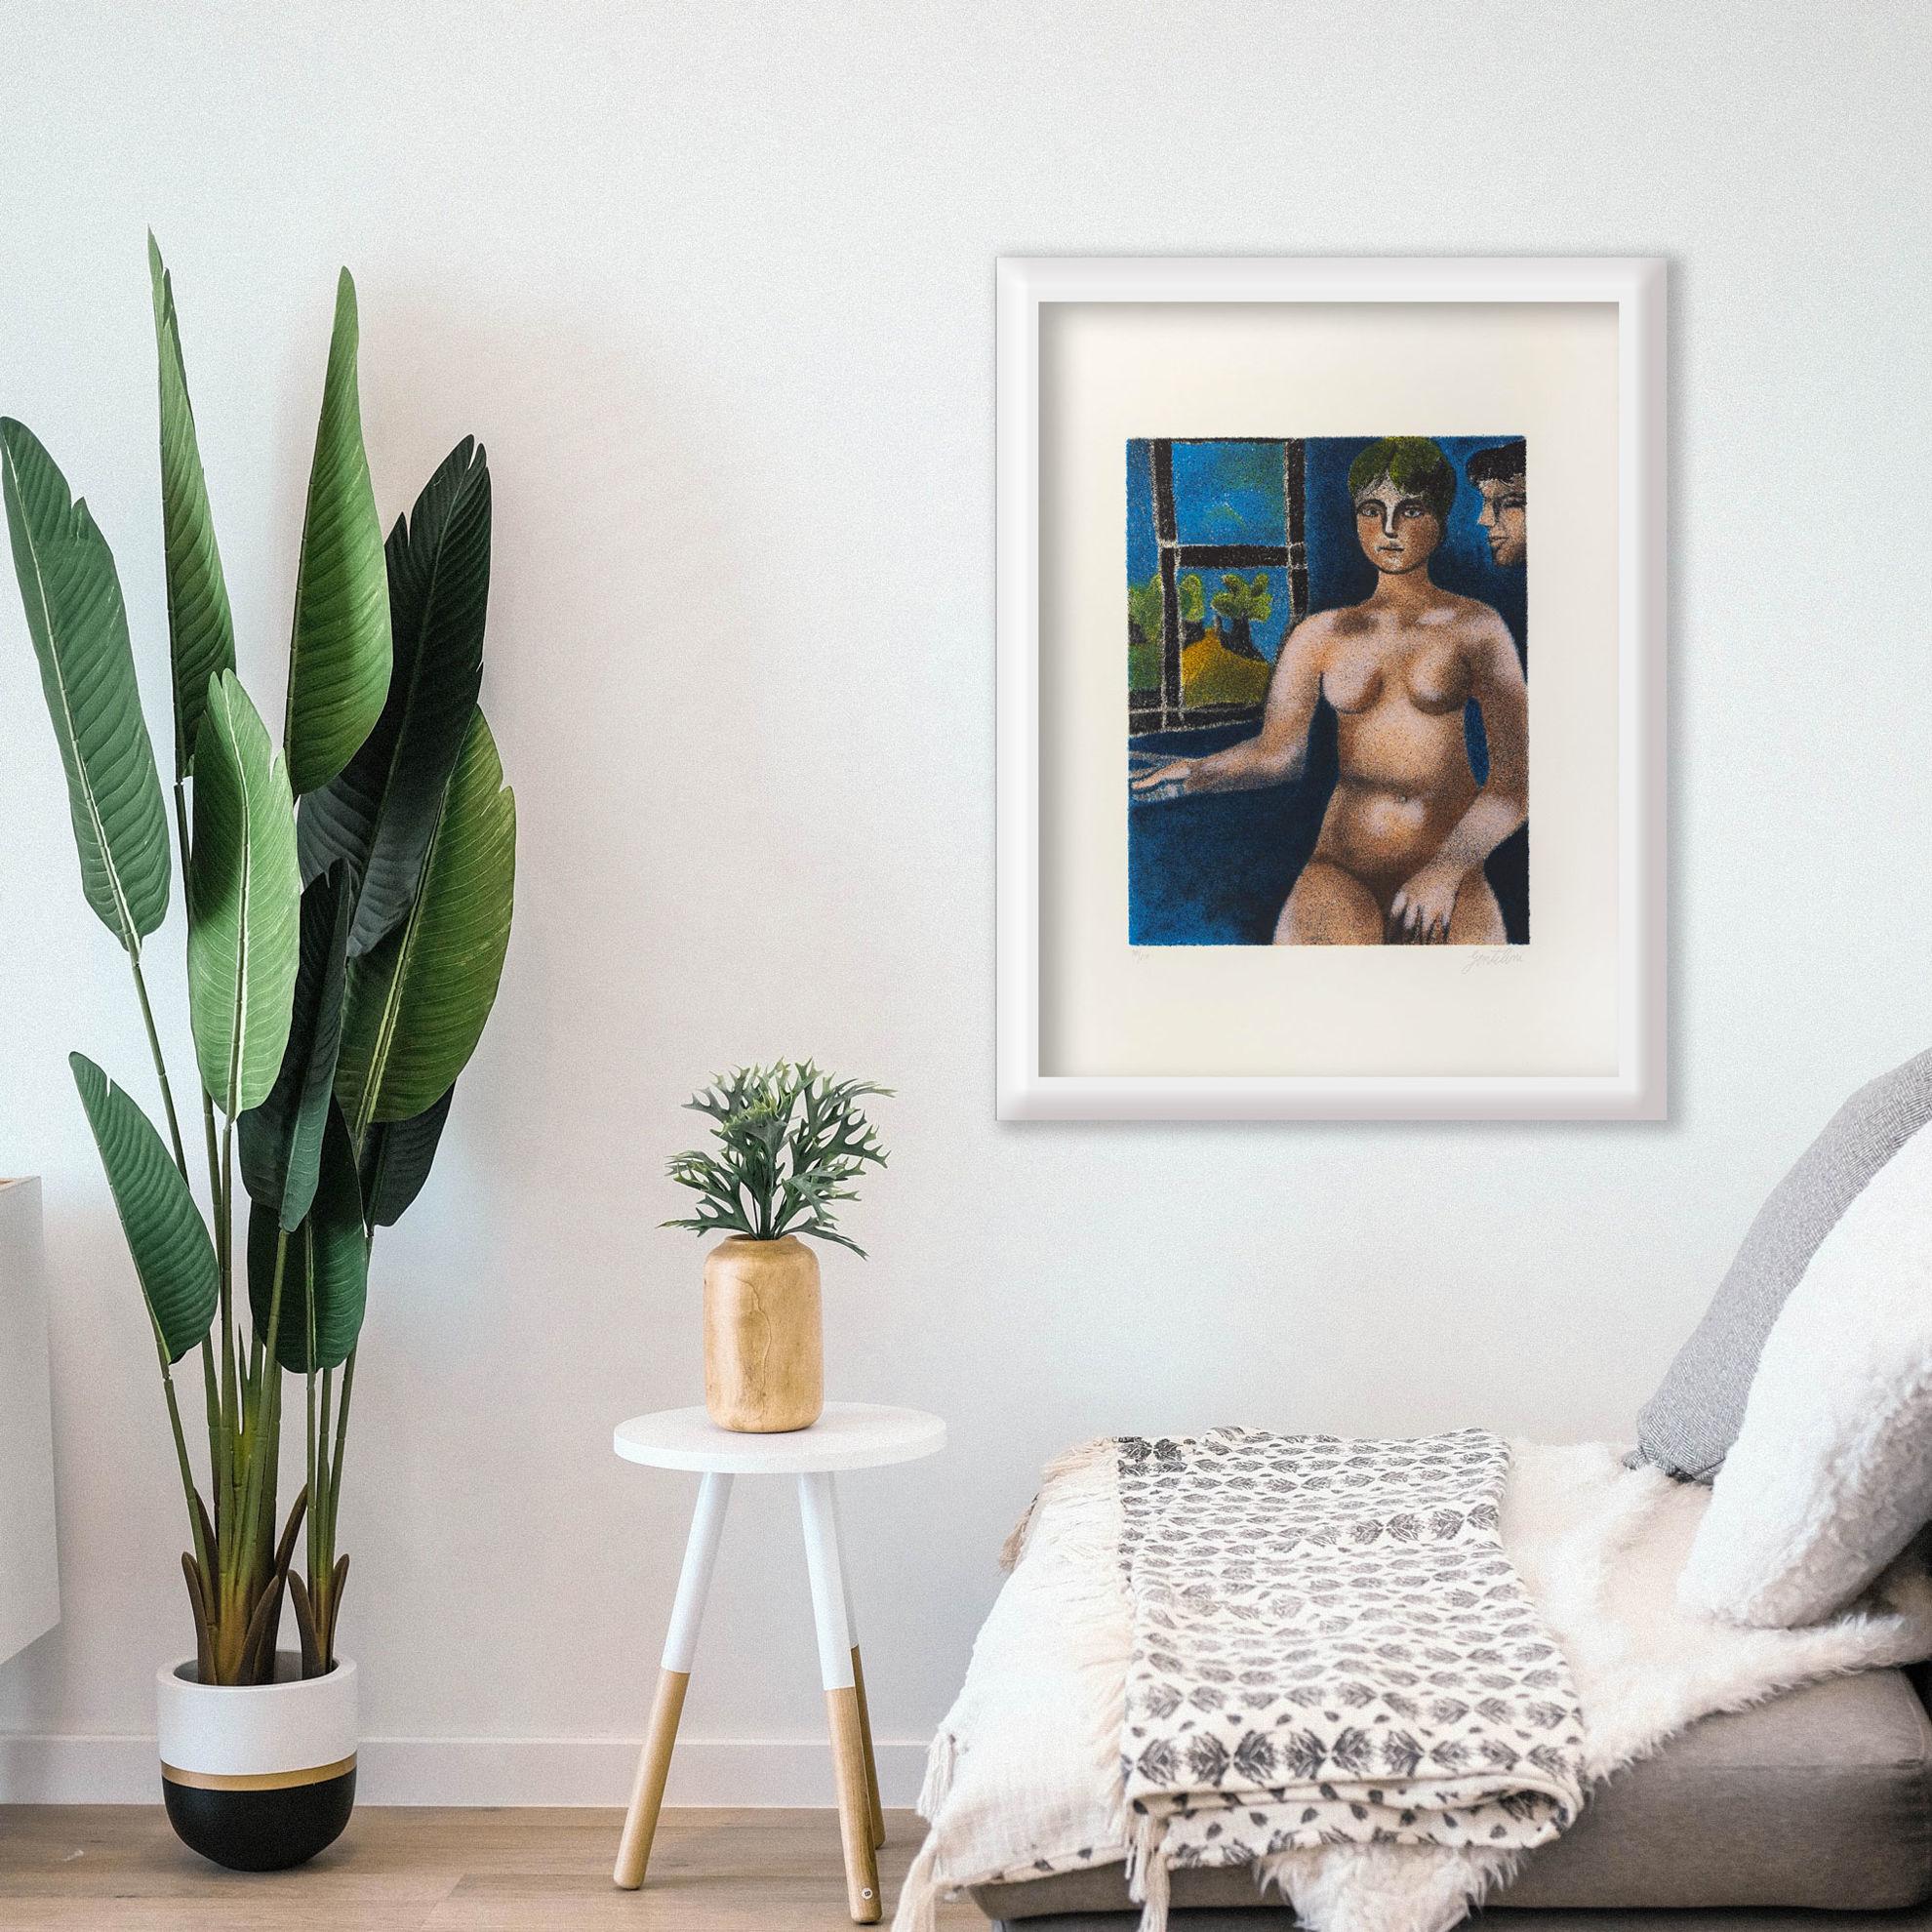 Immagine di Nudo alla finestra